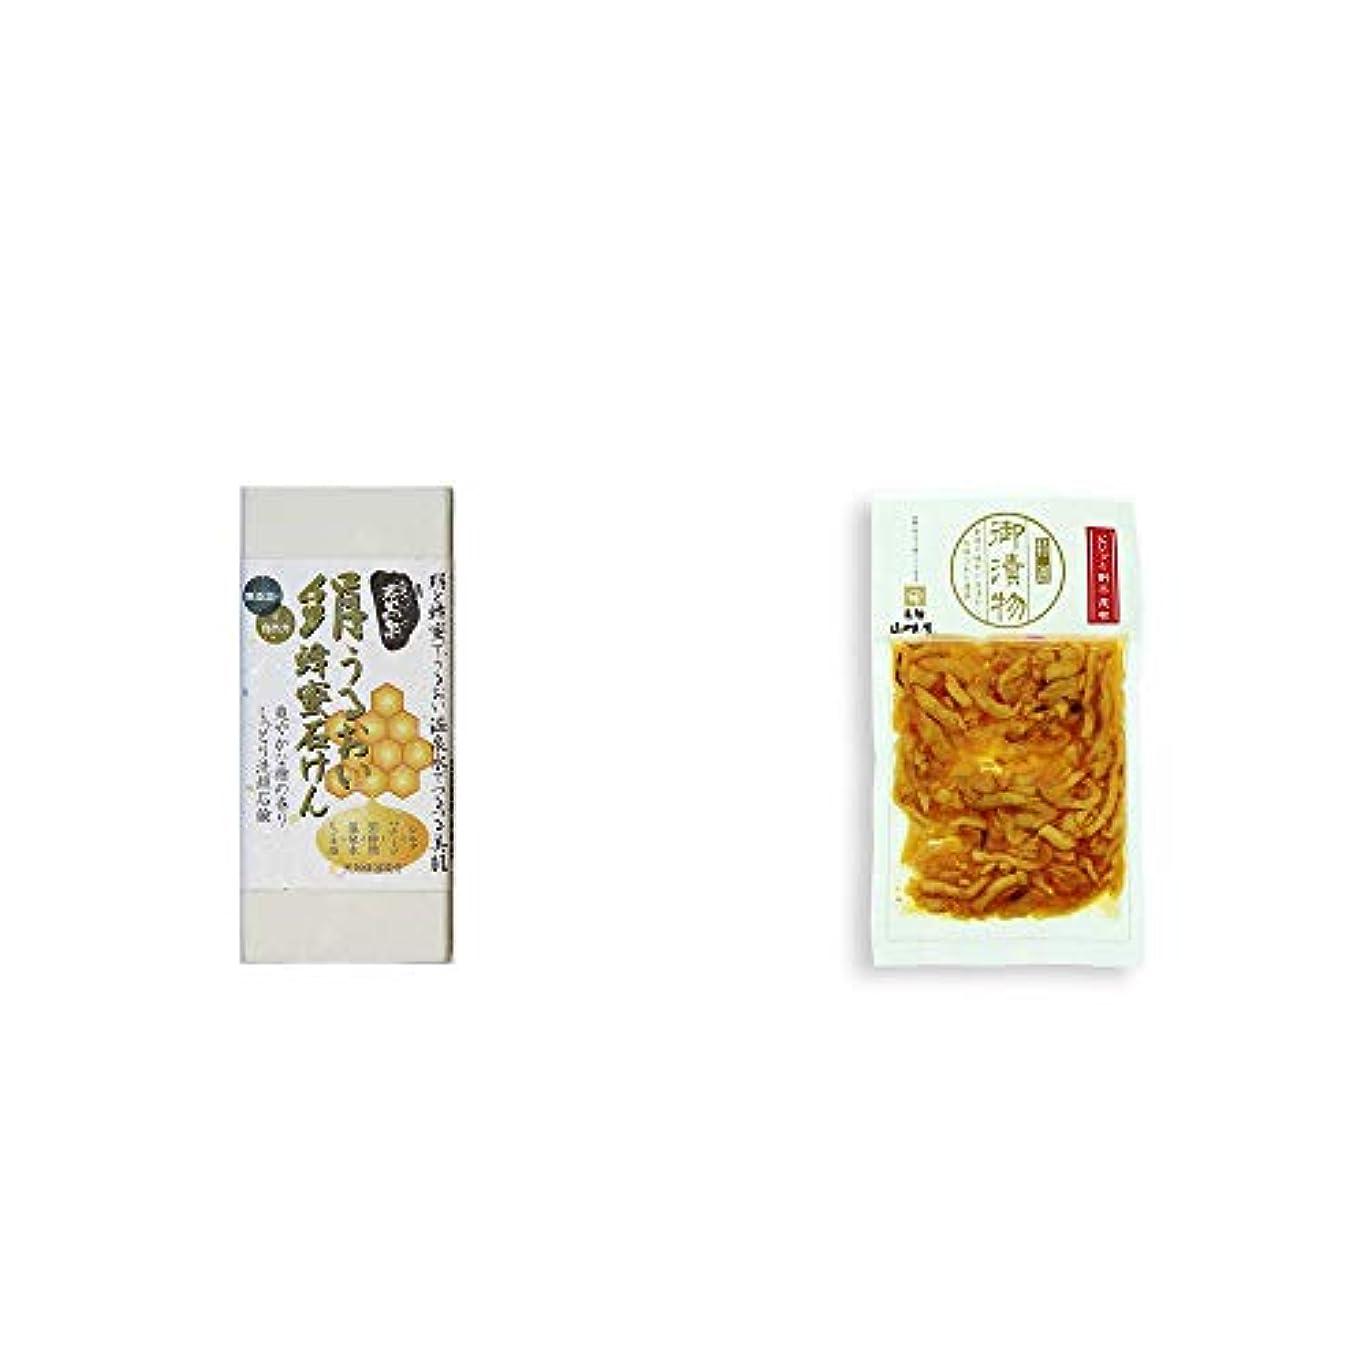 信念バウンスコック[2点セット] ひのき炭黒泉 絹うるおい蜂蜜石けん(75g×2)?飛騨山味屋 ピリッと割干し昆布(230g)